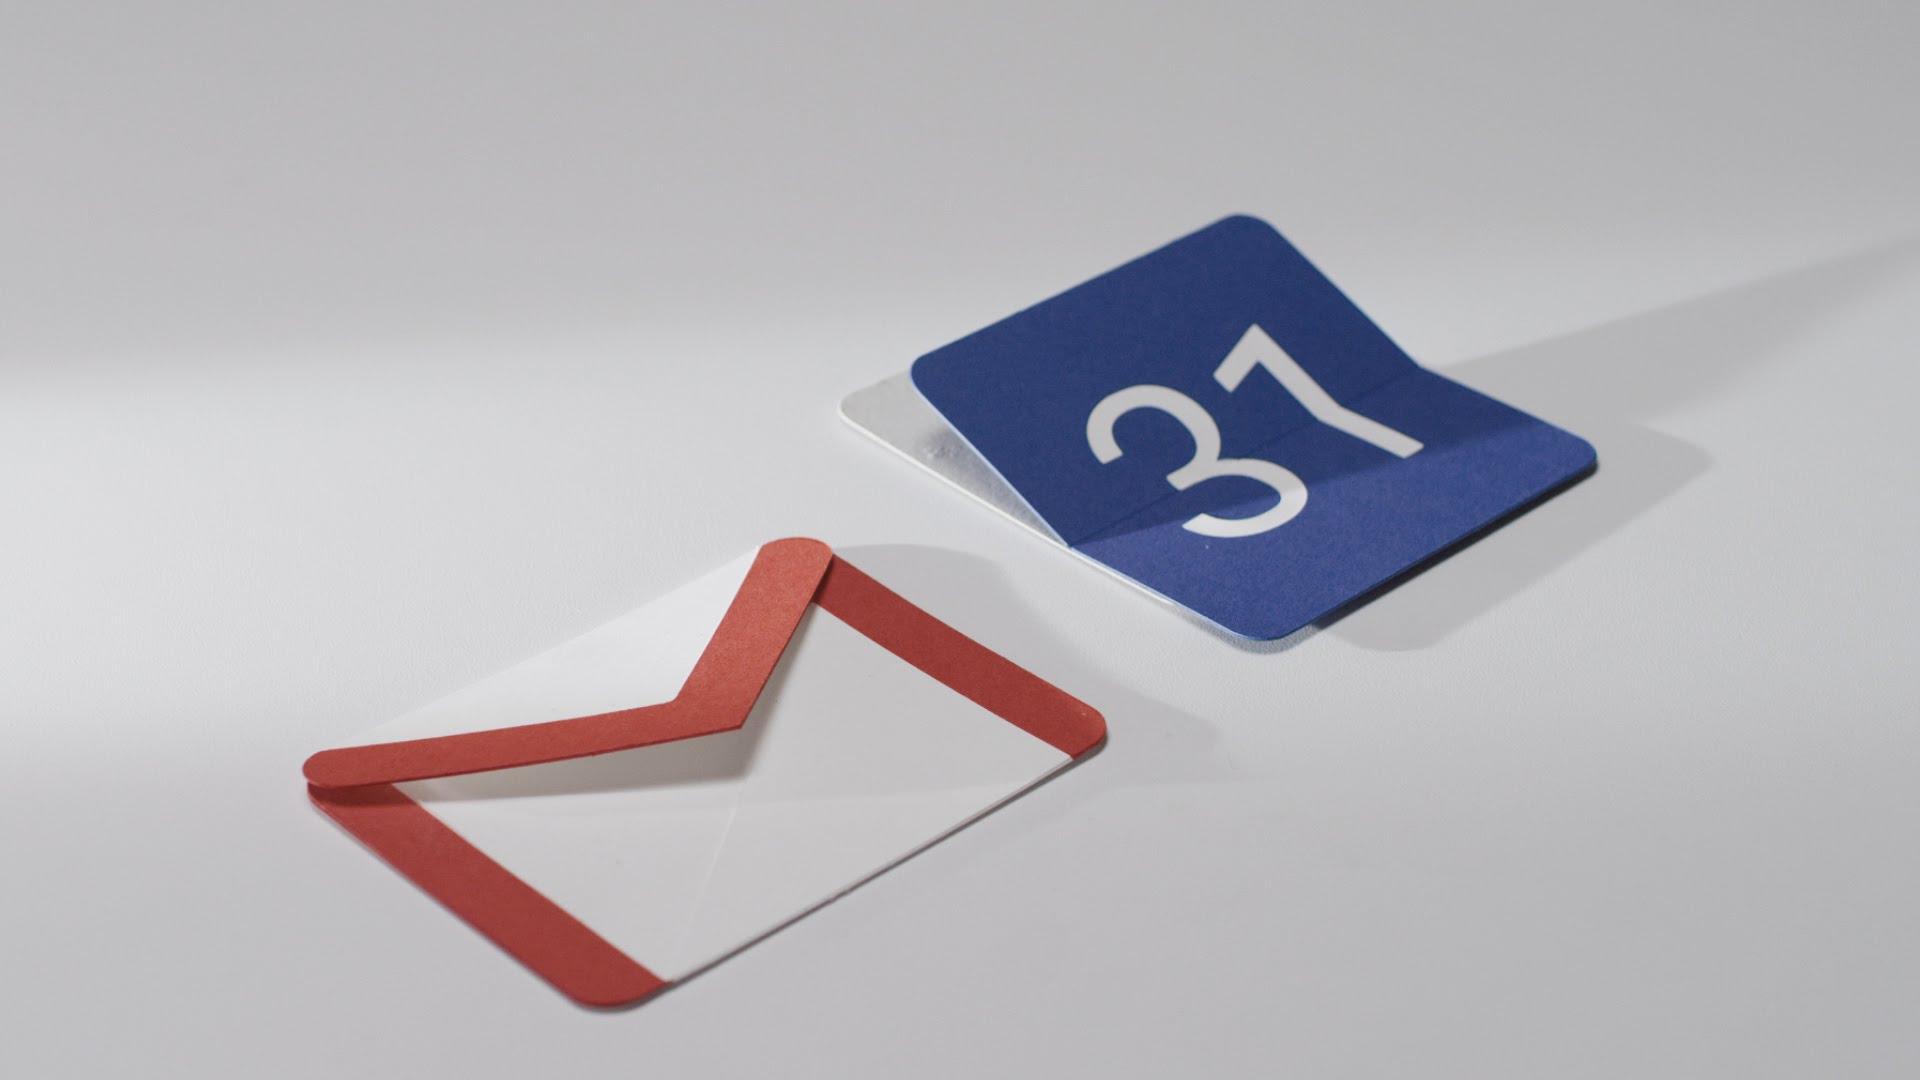 15-razones-para-tener-el-correo-de-su-empresa-con-Google-gmail